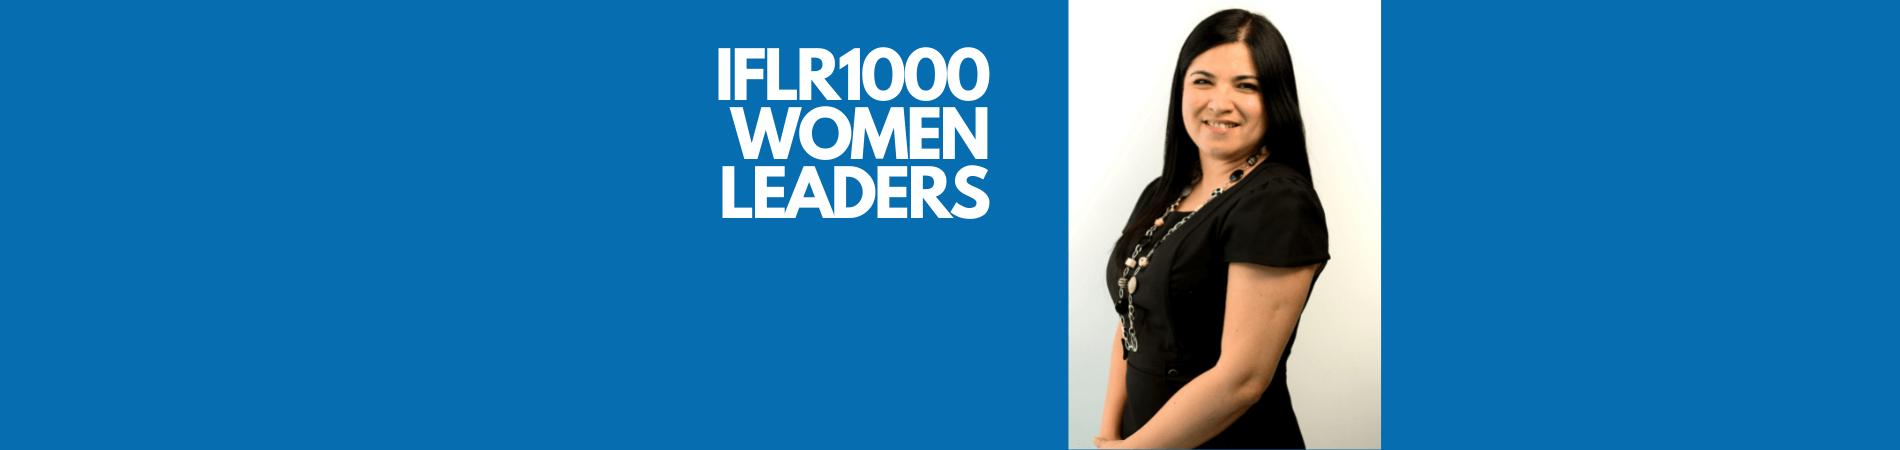 IFLR1000 Women Leaders 2021: Myriam Barahona reconocida como una de las principales expertas del mundo -sección América- en temas transaccionales